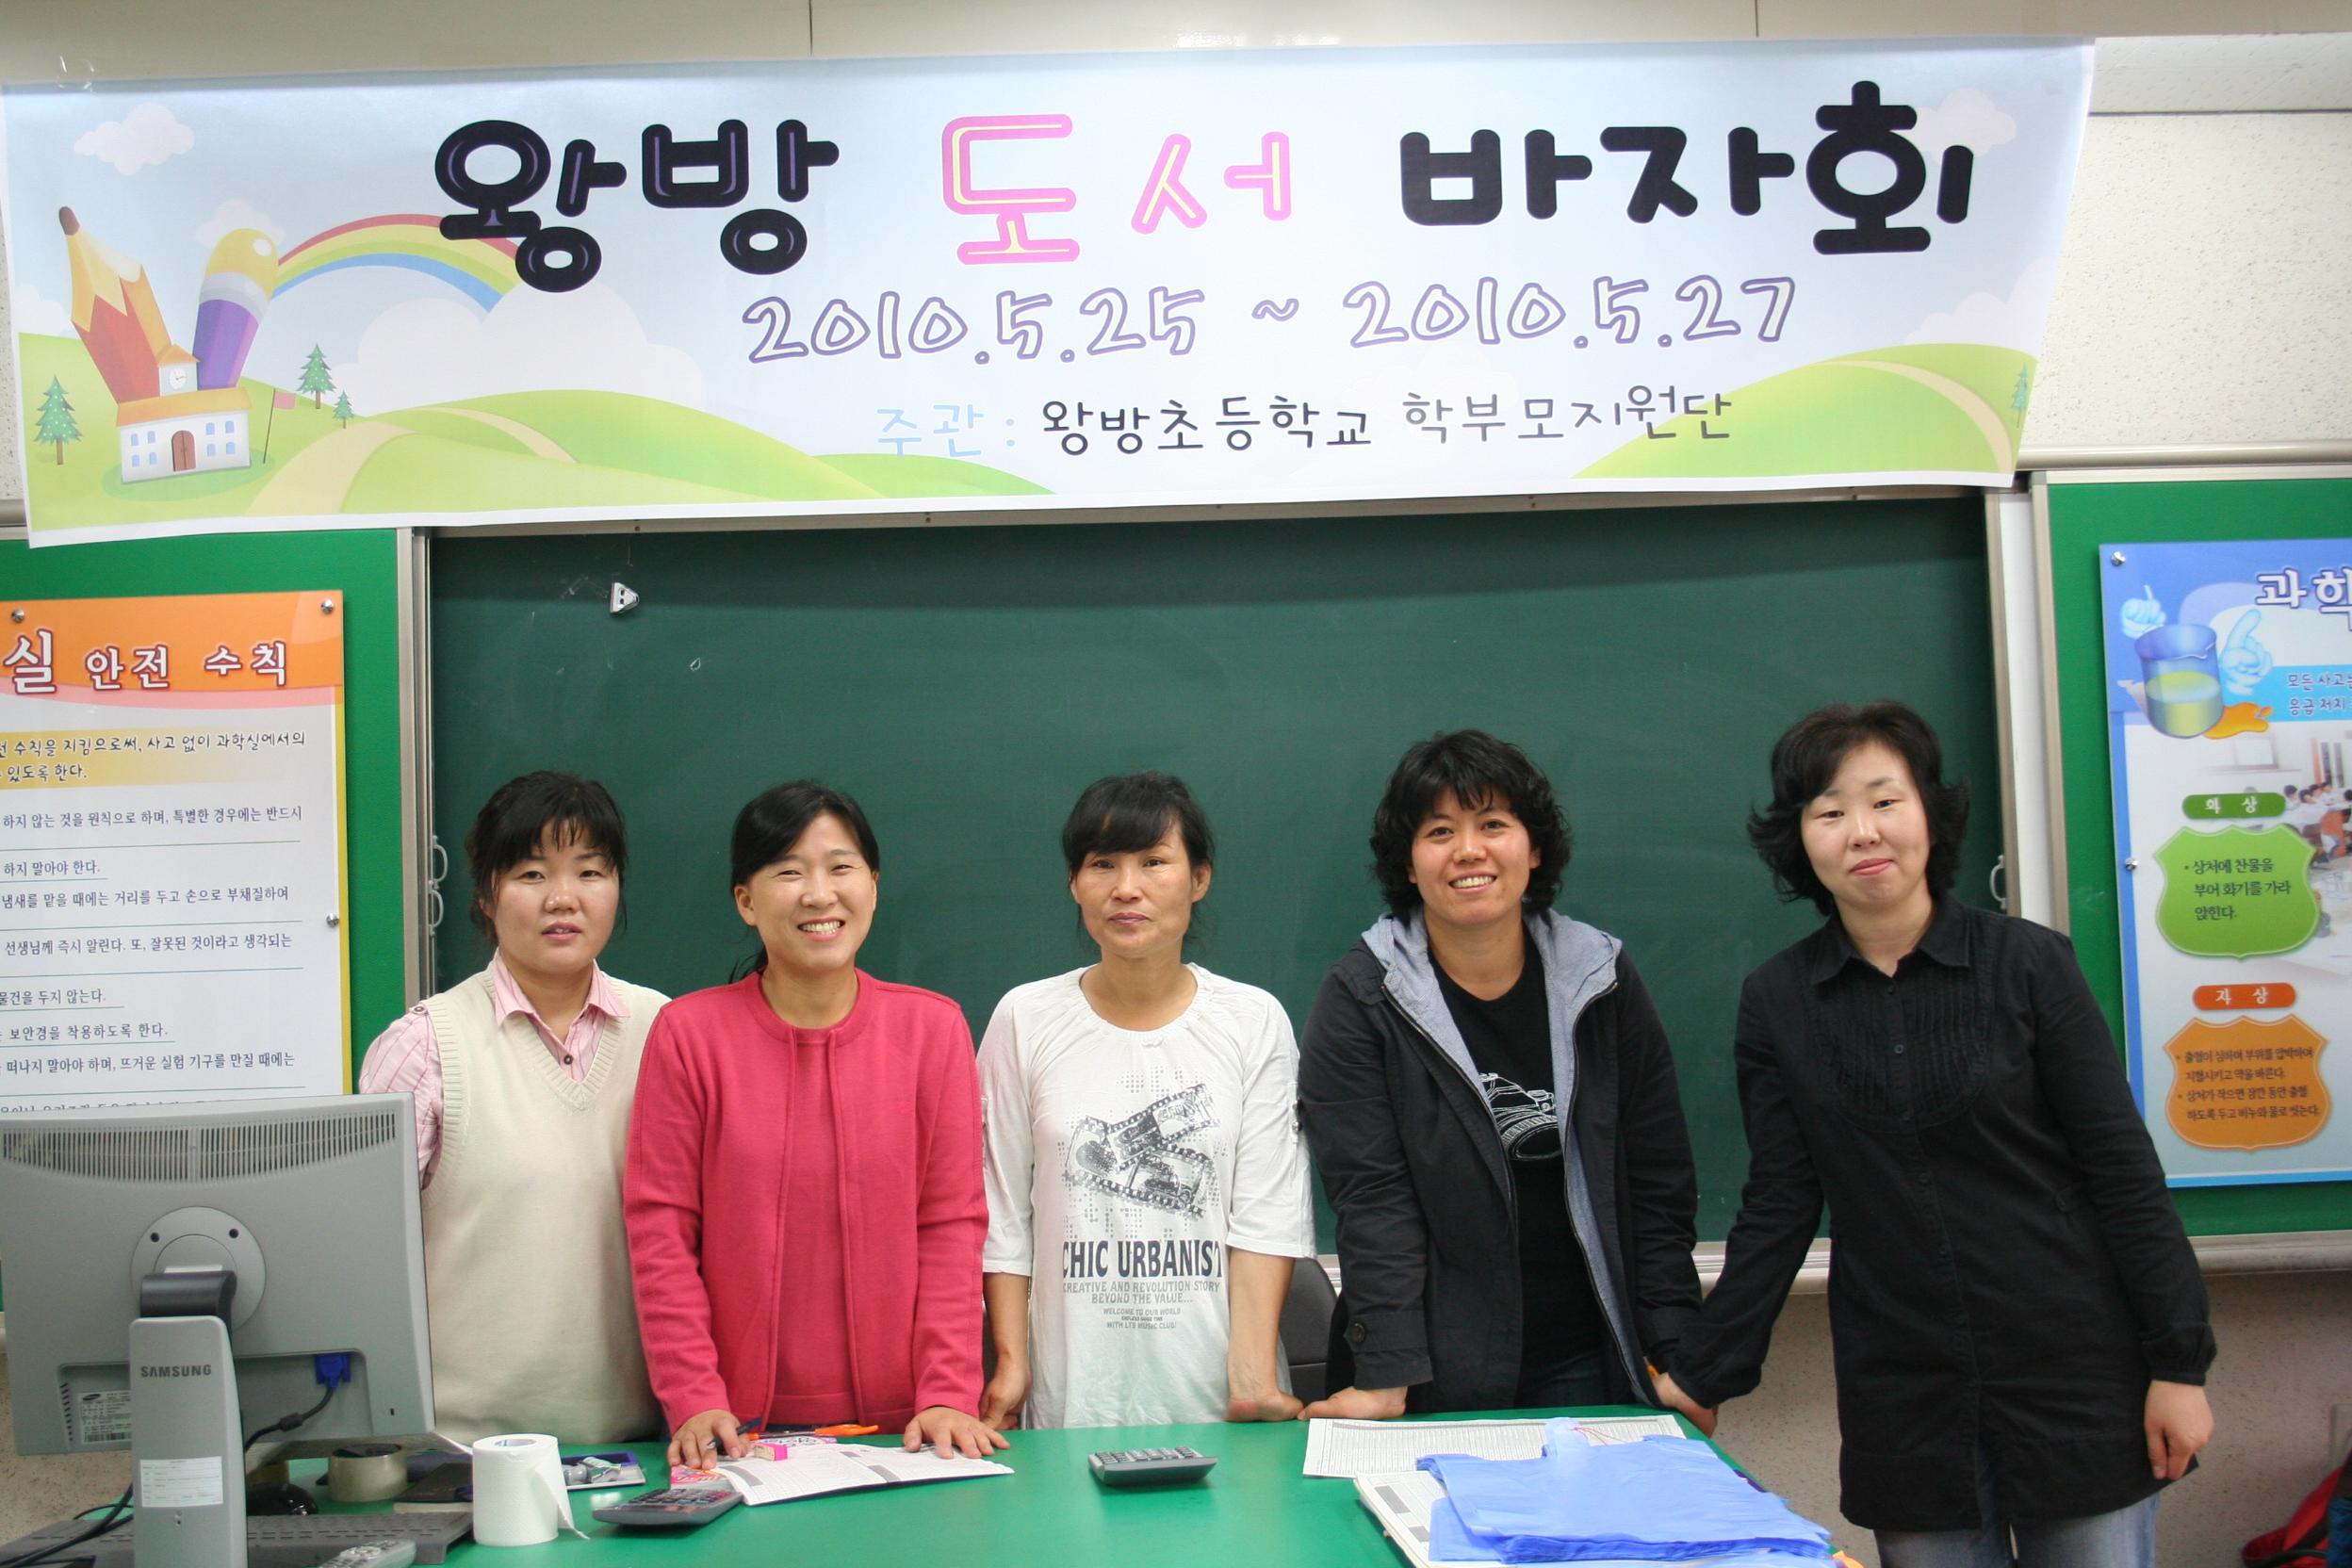 [일반] 2010. 05.25. 도서바자회의 첨부이미지 2